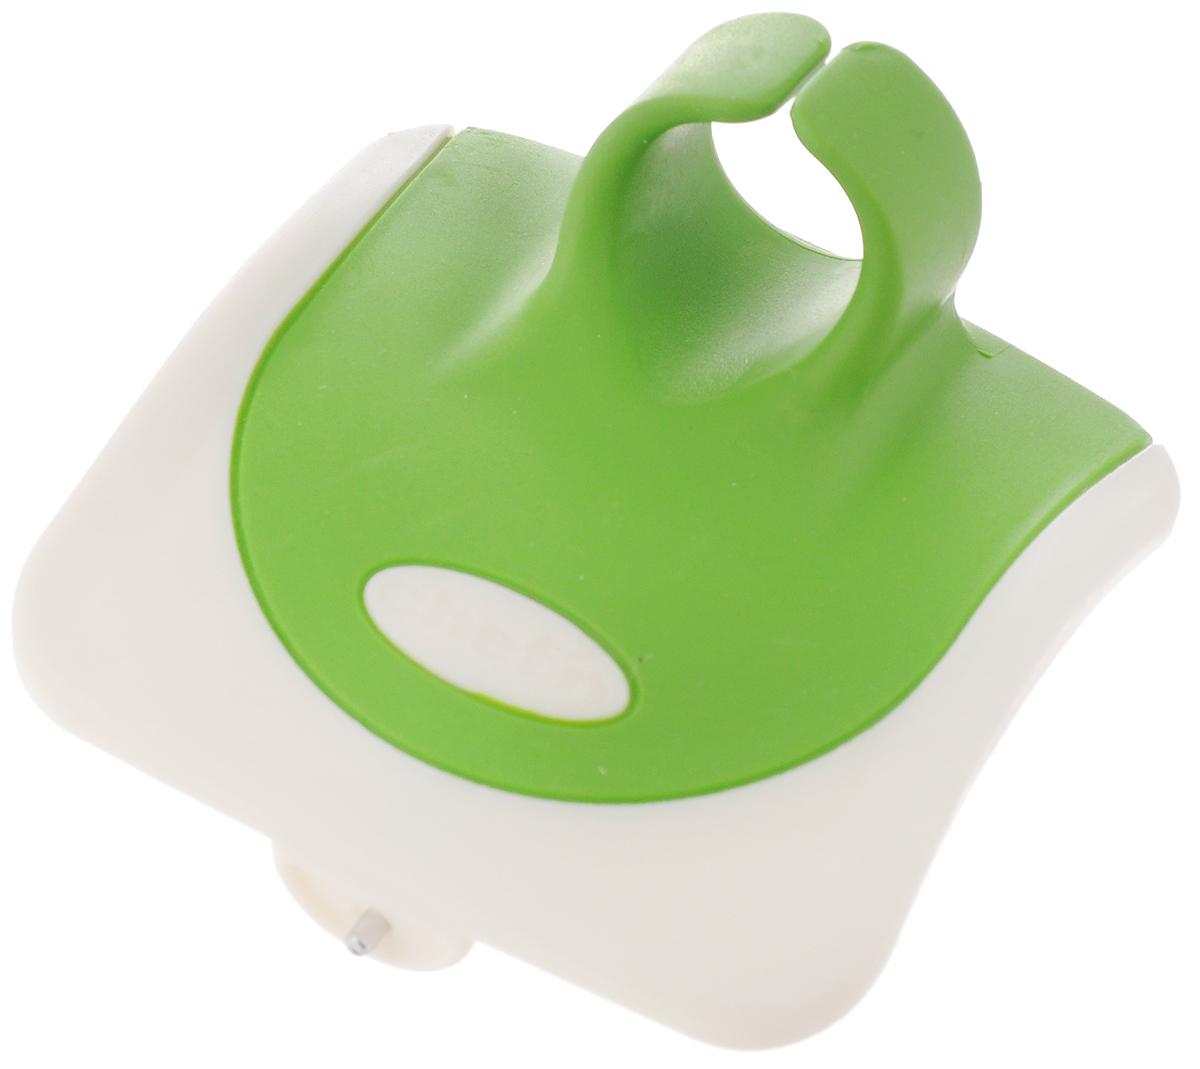 Овощечистка Chefn, цвет: зеленый, белый102-040-011Овощечистка Chefn выполнена из пластика, стали и силикона. Изделие очень удобно. Овощечистка помещается в руку и одевается на палец. Удобная овощечистка Chefn поможет вам очень быстро и без особого усилия почистить овощи. Можно мыть в посудомоечной машине. Общая длина овощечистки: 7 см.